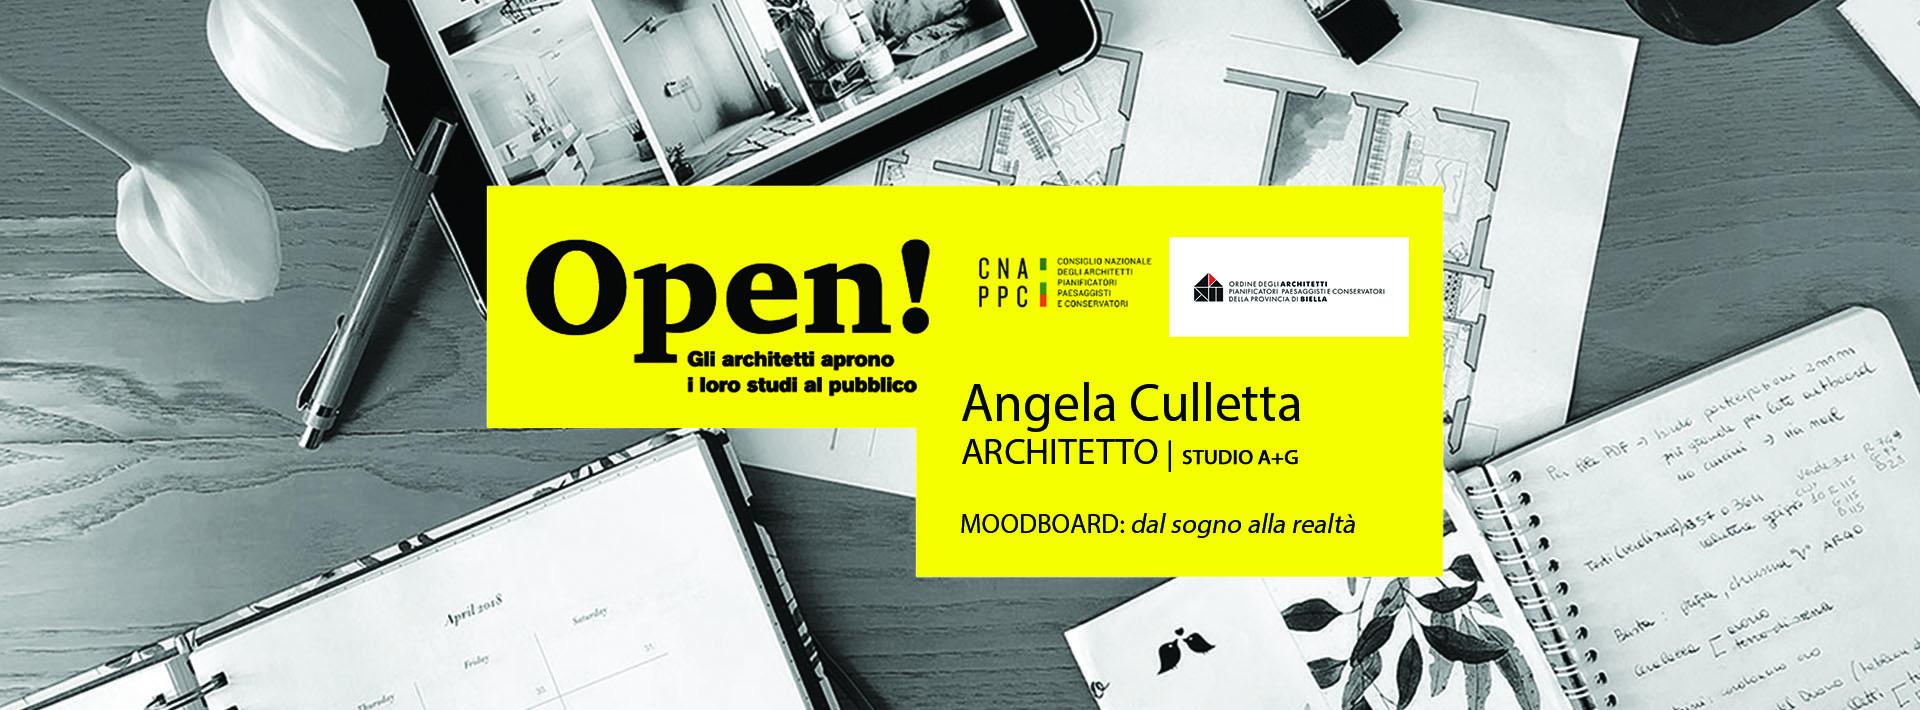 Moodboard Archivi Open